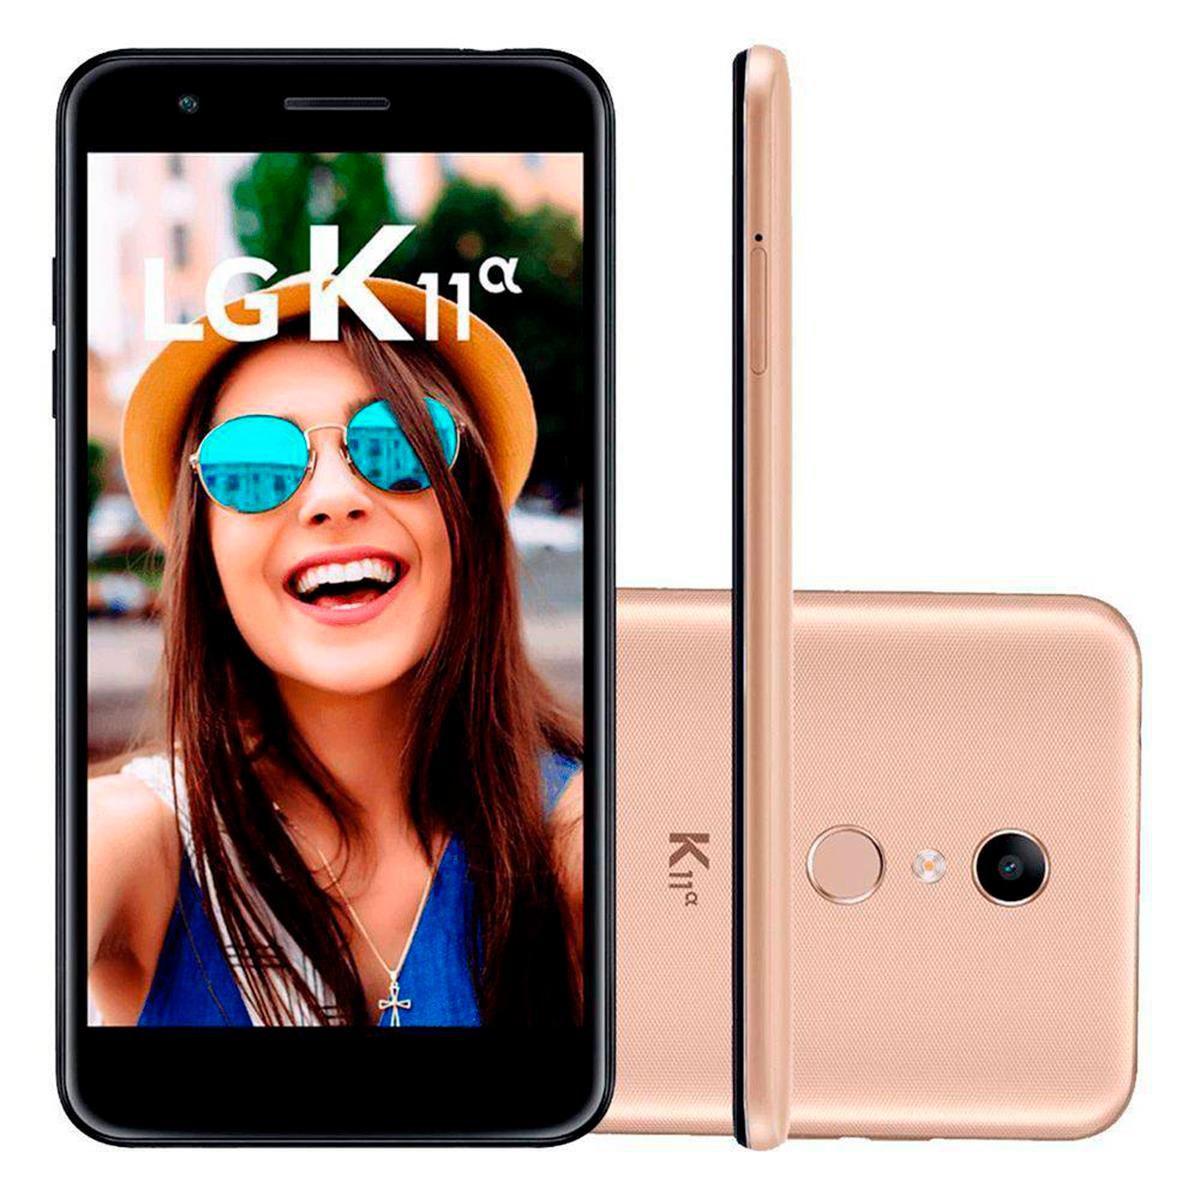 Celular Lg K11 Alpha Lm-X410Btw Oc| 16Gb| 2Gb Ram| 4G| 8Mp| 5,3 Hd| Dourado